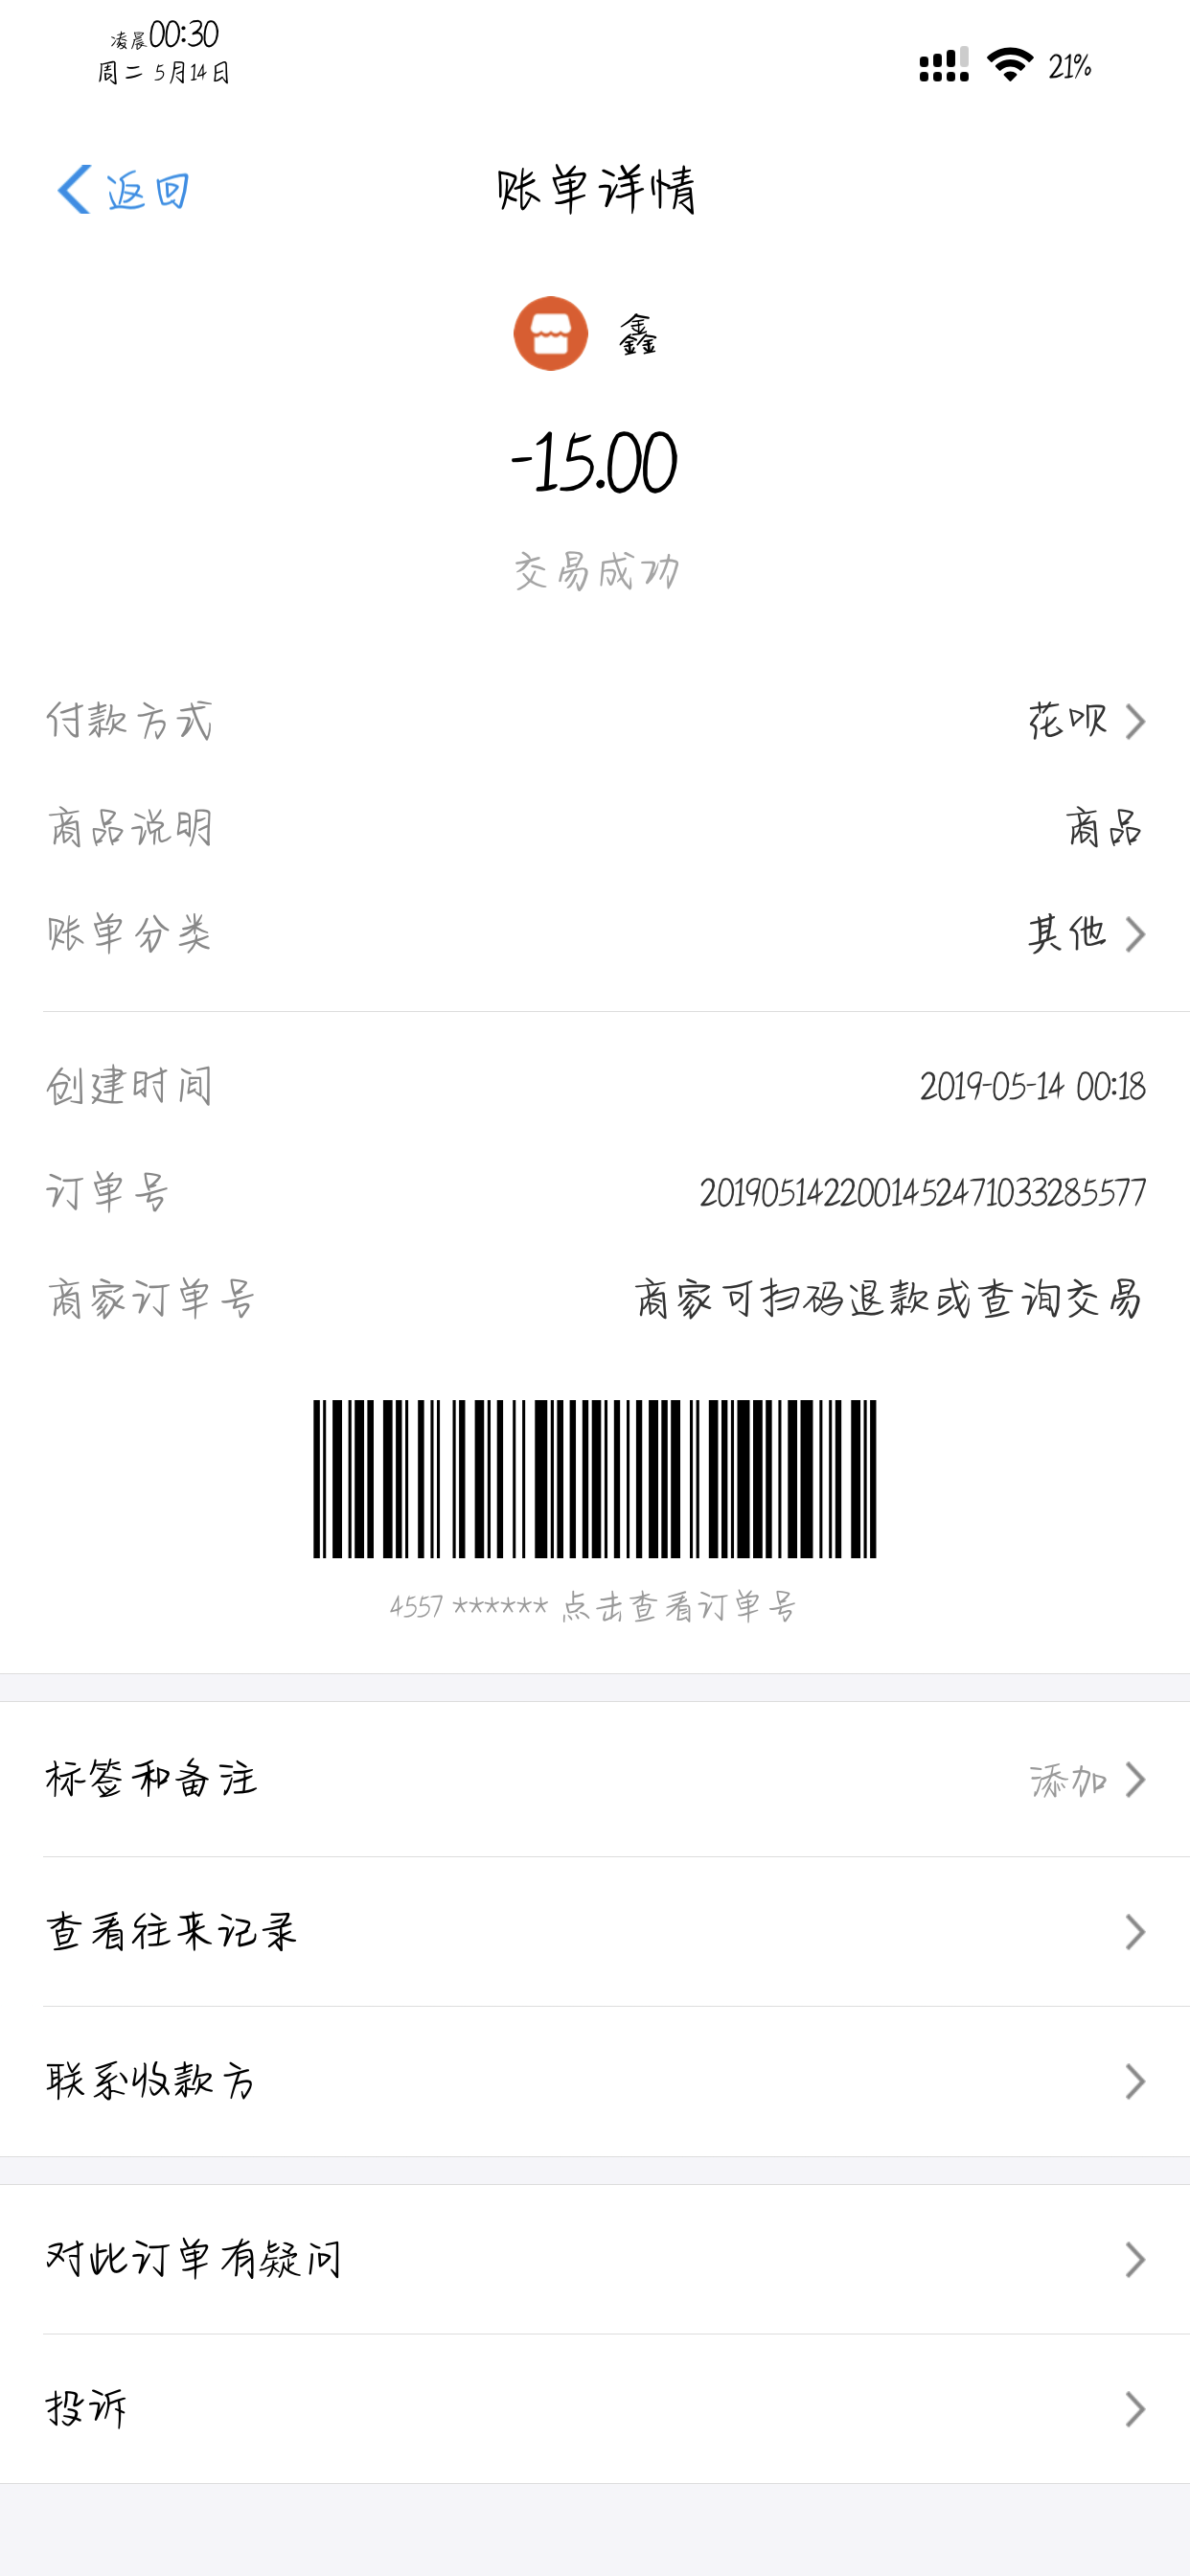 3FCB0C12-9EA2-4D08-AA7D-9E26A11E042A.png